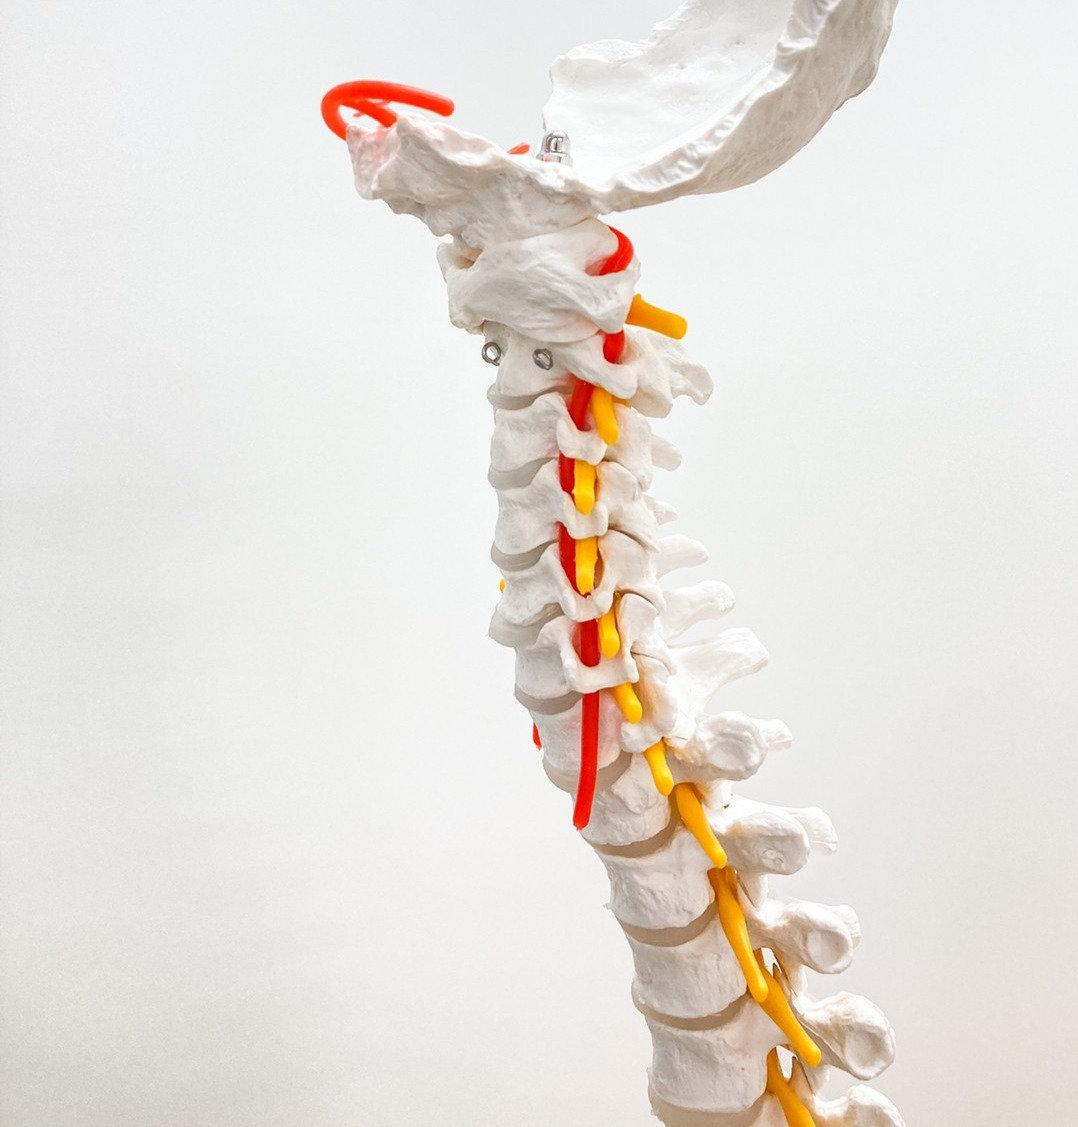 頚部の機能解剖と筋触察